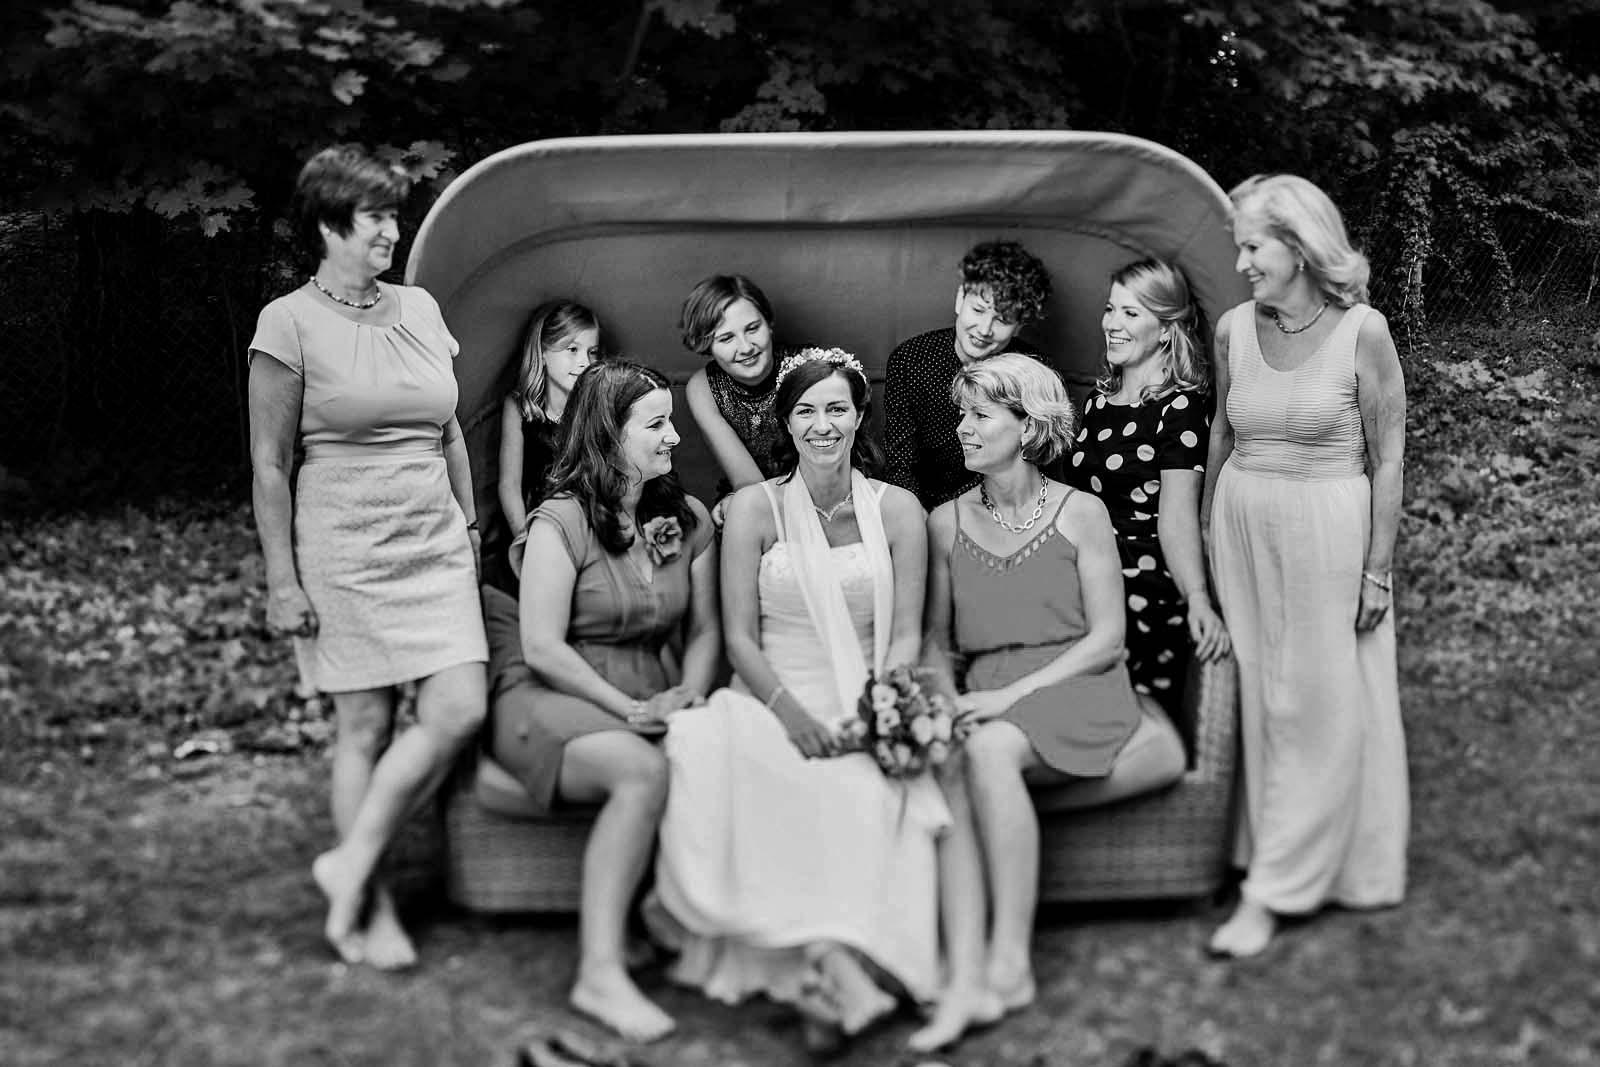 Braut auf Gruppenfoto Hochzeitsfotograf Copyright by Hochzeitsfotograf www.berliner-hochzeitsfotografie.de